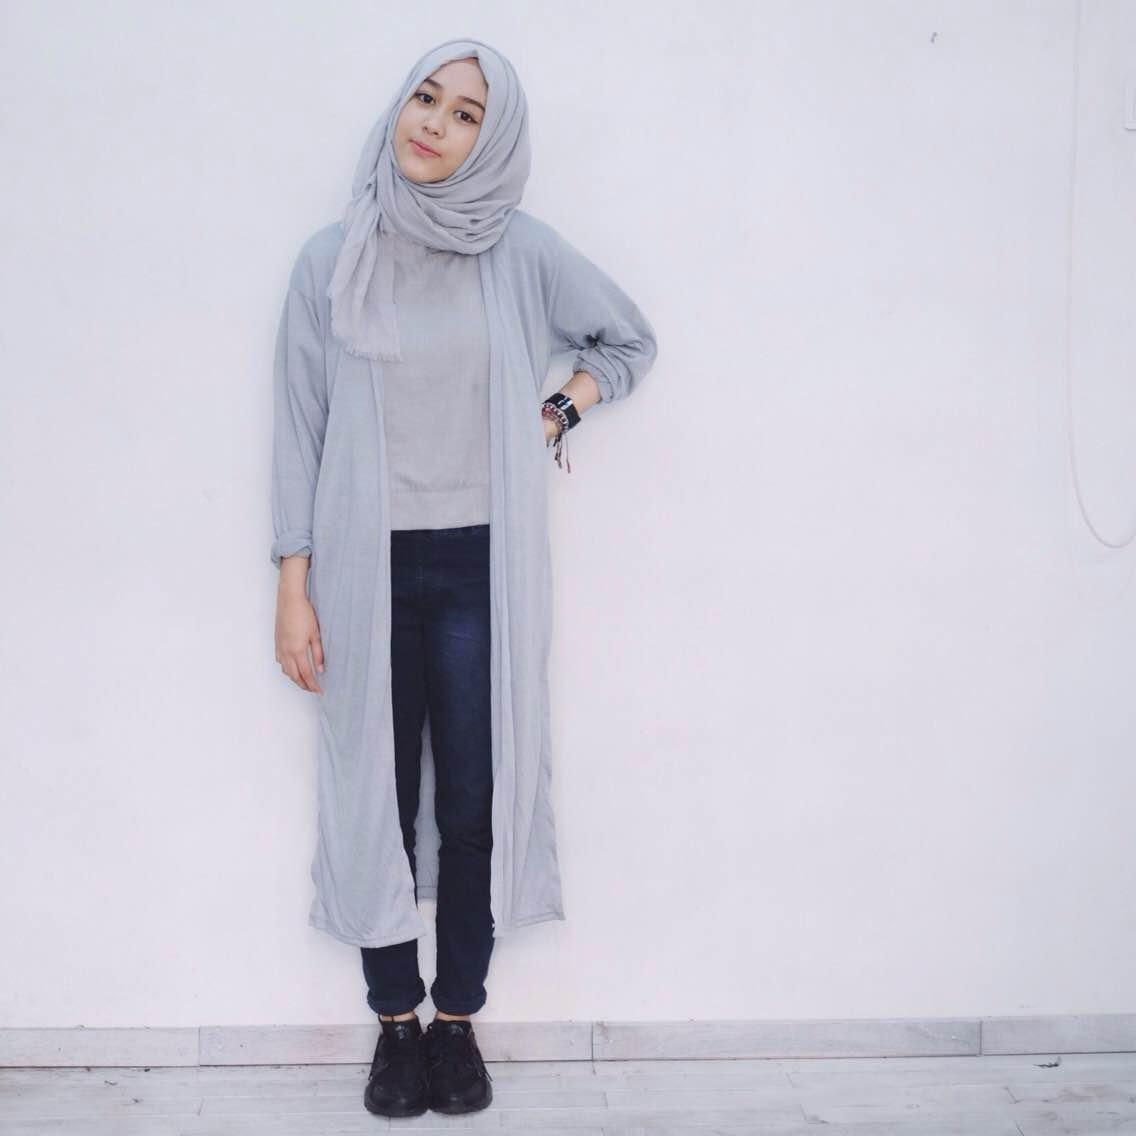 Hipwee On Twitter 7 Gaya Hijab Buat Kamu Yang Suka Pakai Jeans Dan Kemeja Biar Gayamu Nggak